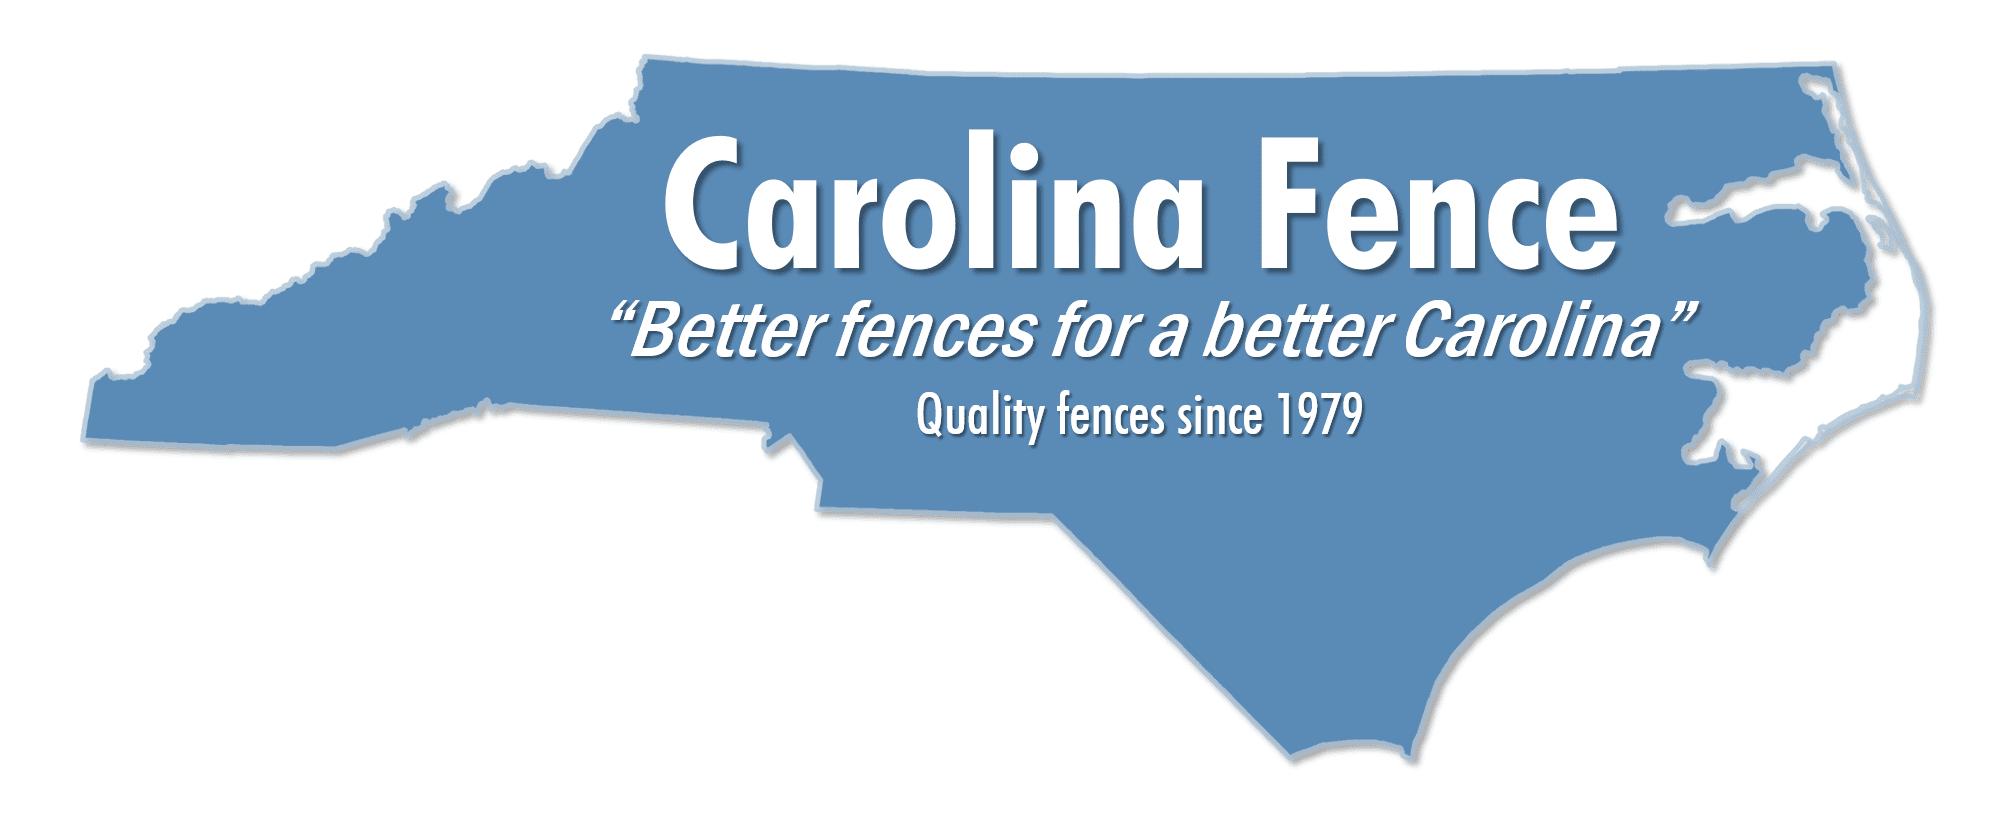 Carolina Fence